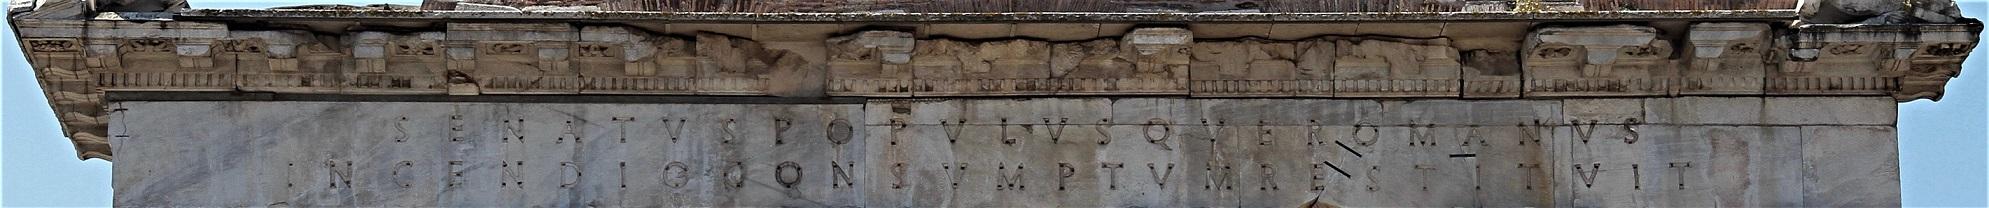 Roman Forum guidebook discusses SPQR on the Temple of Saturn